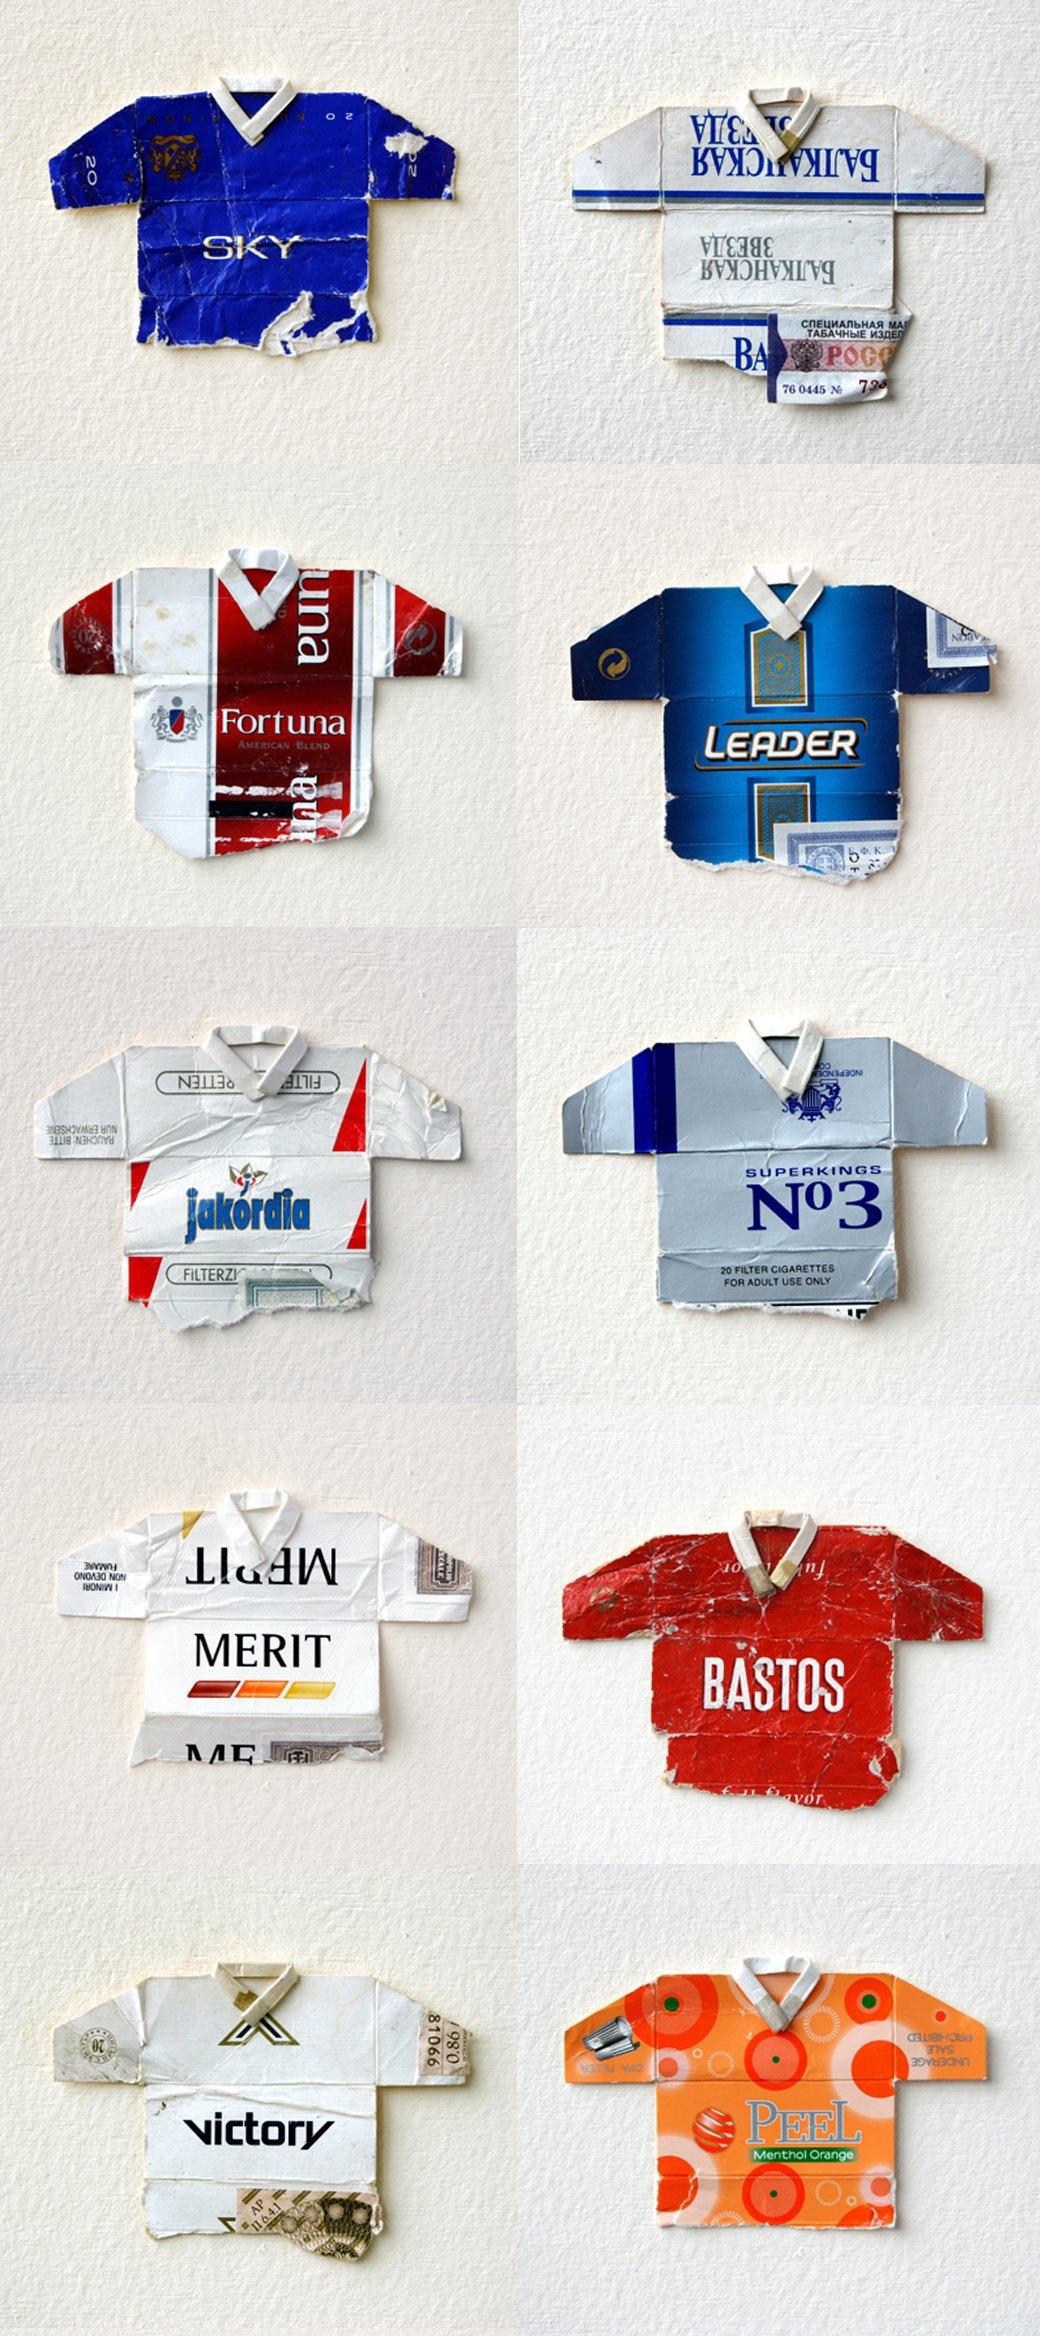 Мини-футболки из сигаретных пачек художника Льва Фицмориса. Изображение № 2.